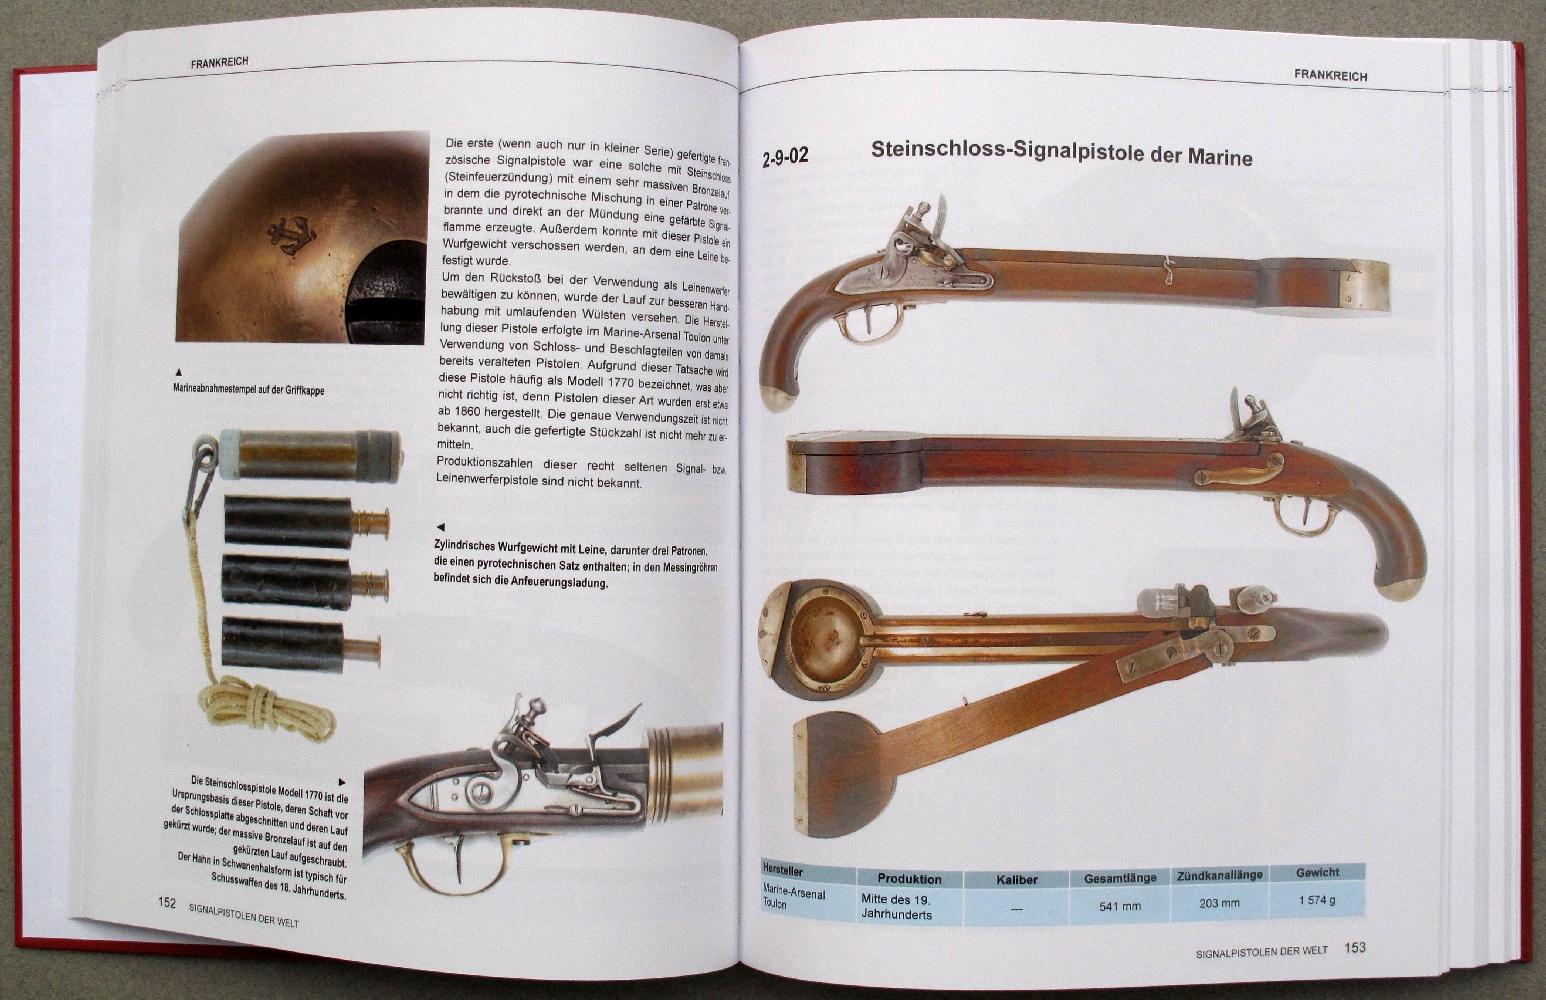 Ce très beau – et extrêmement rare – pistolet de marine constitue vraisemblablement le tout premier modèle réglementaire français destiné à la signalisation.